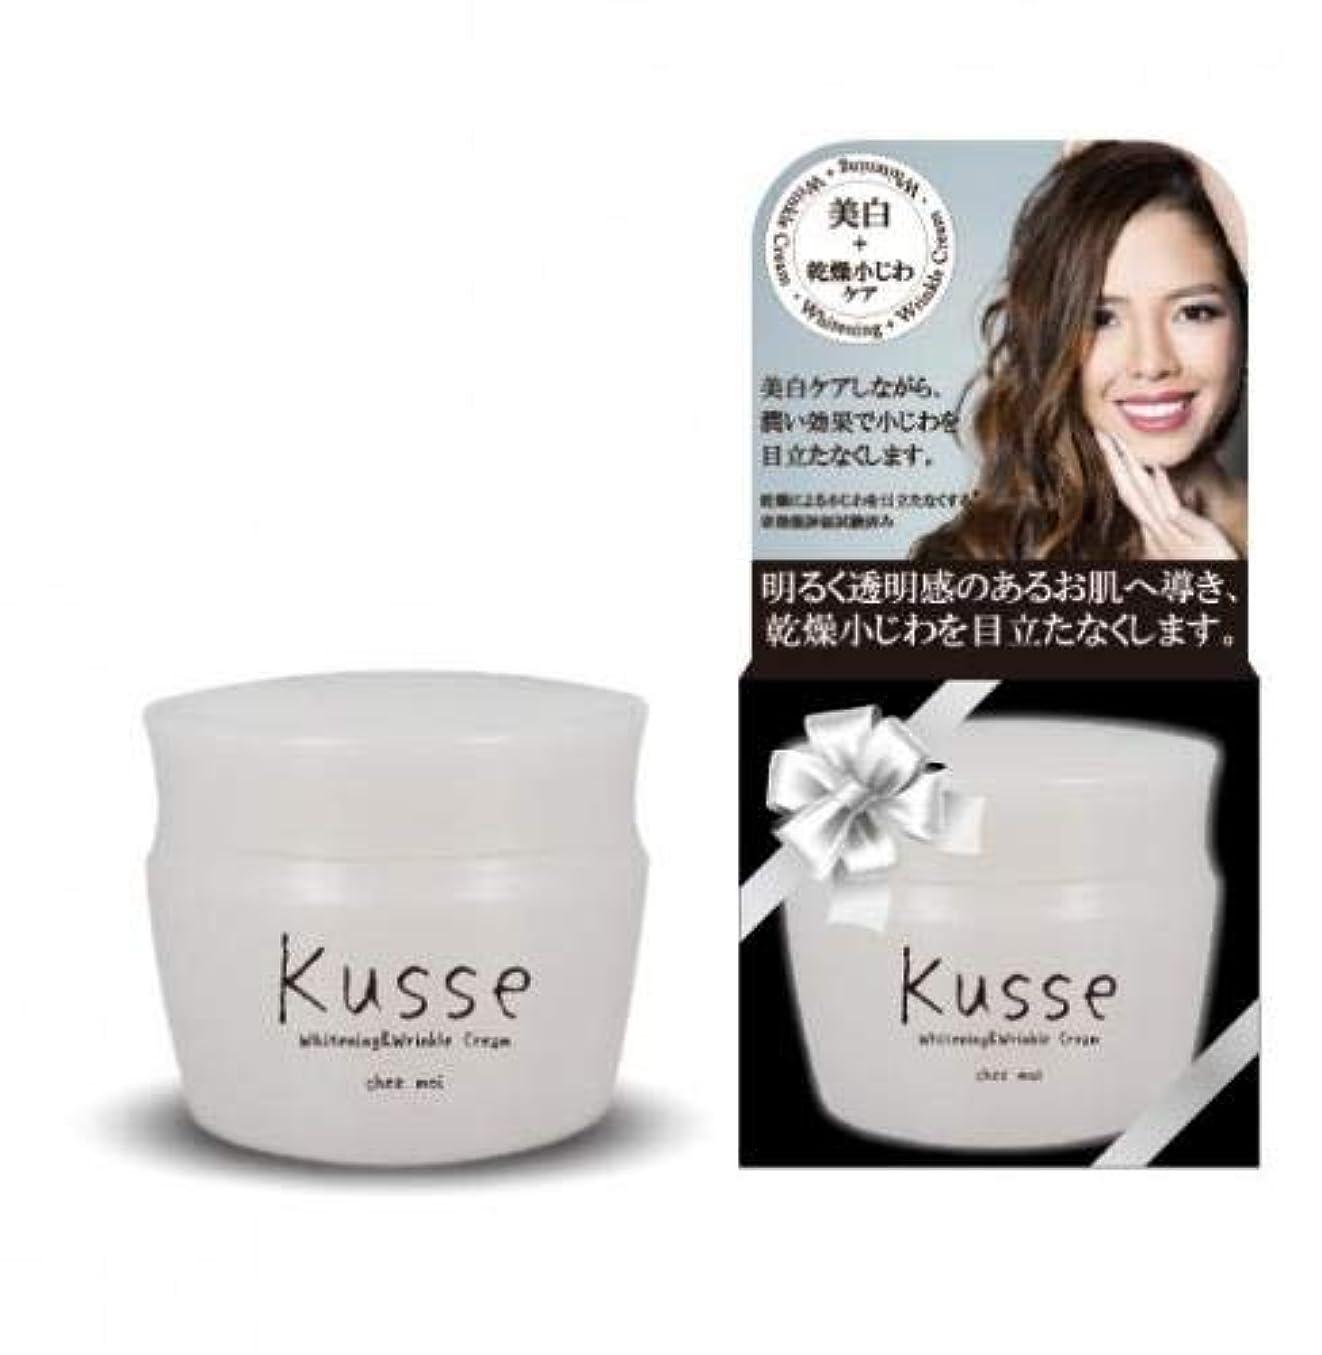 しおれた中傷ミリメートルシェモア 薬用 Kusse(キュセ) Whitening&Wrinkle Cream クリーム 30g